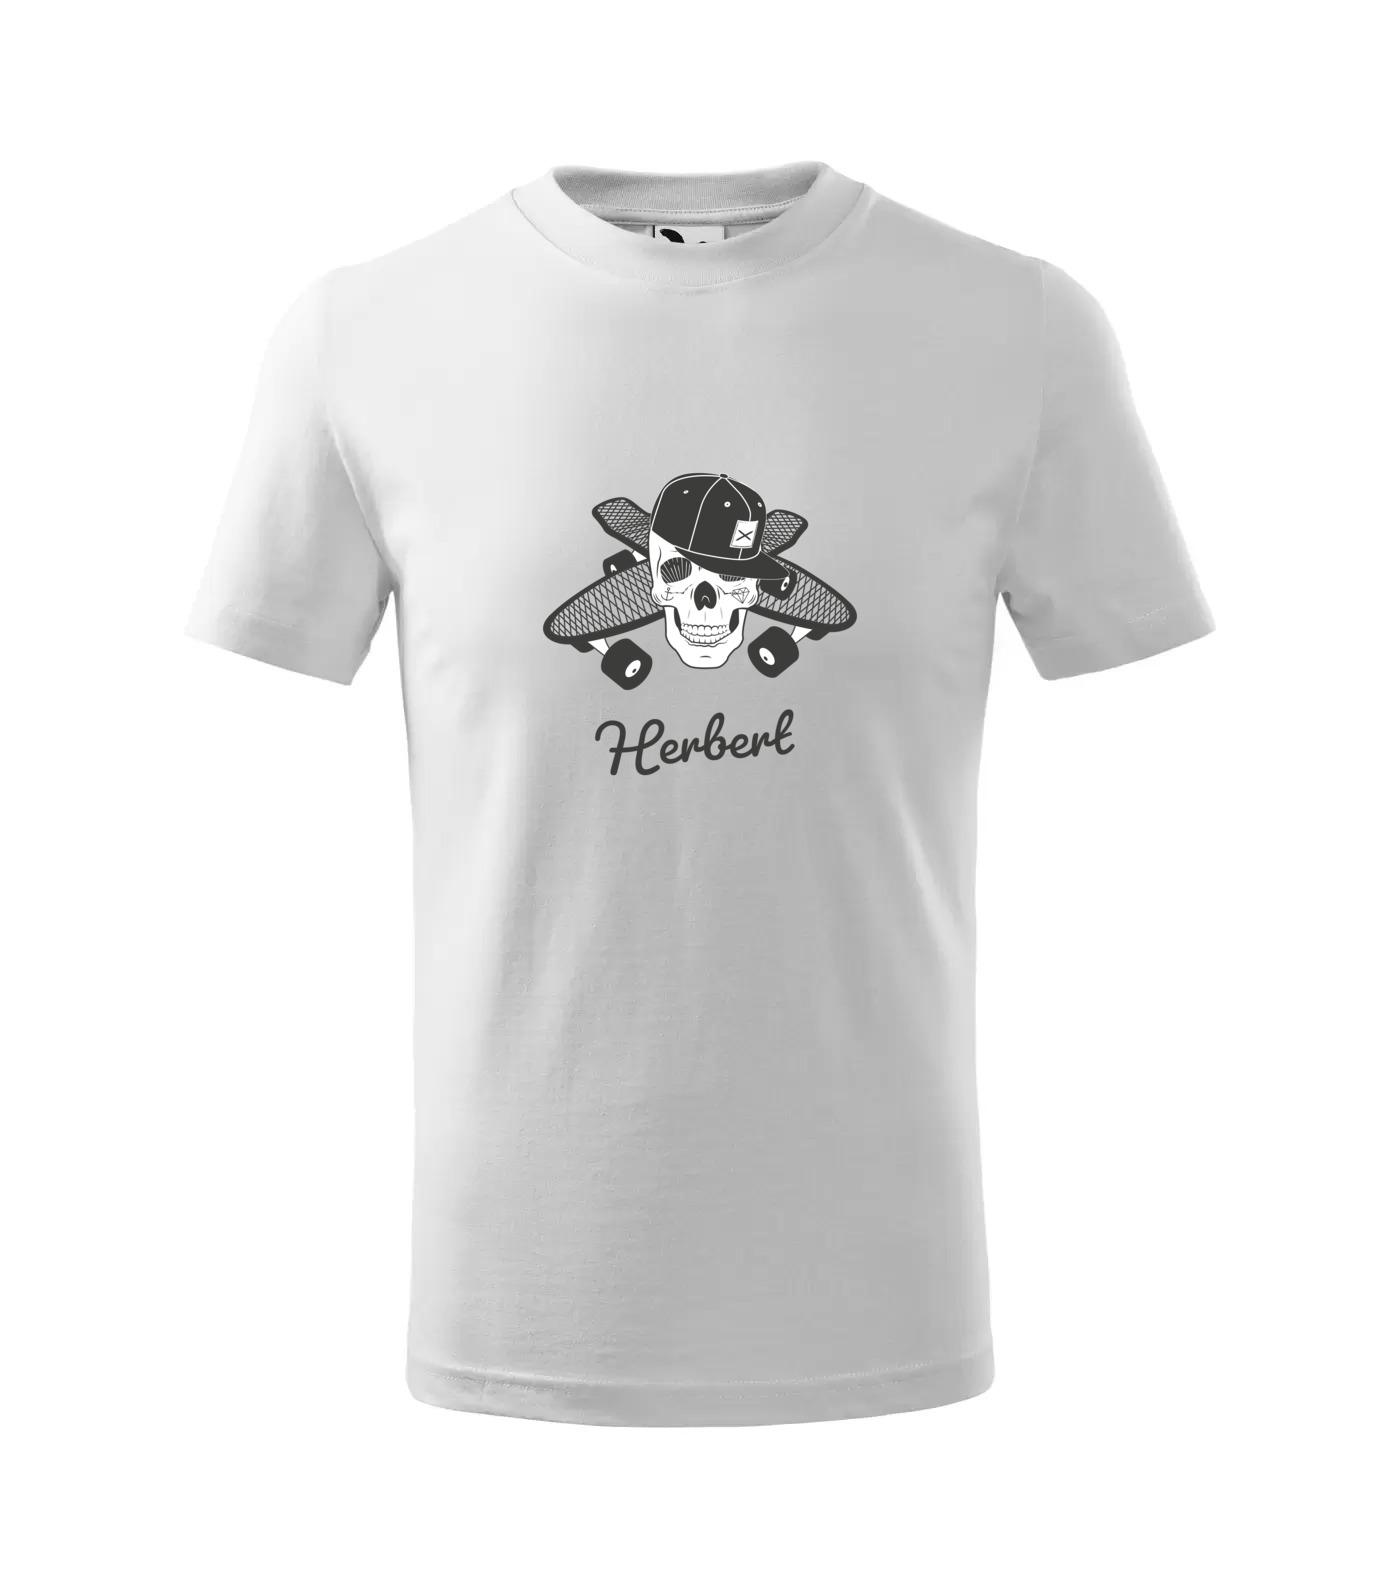 Tričko Skejťák Herbert